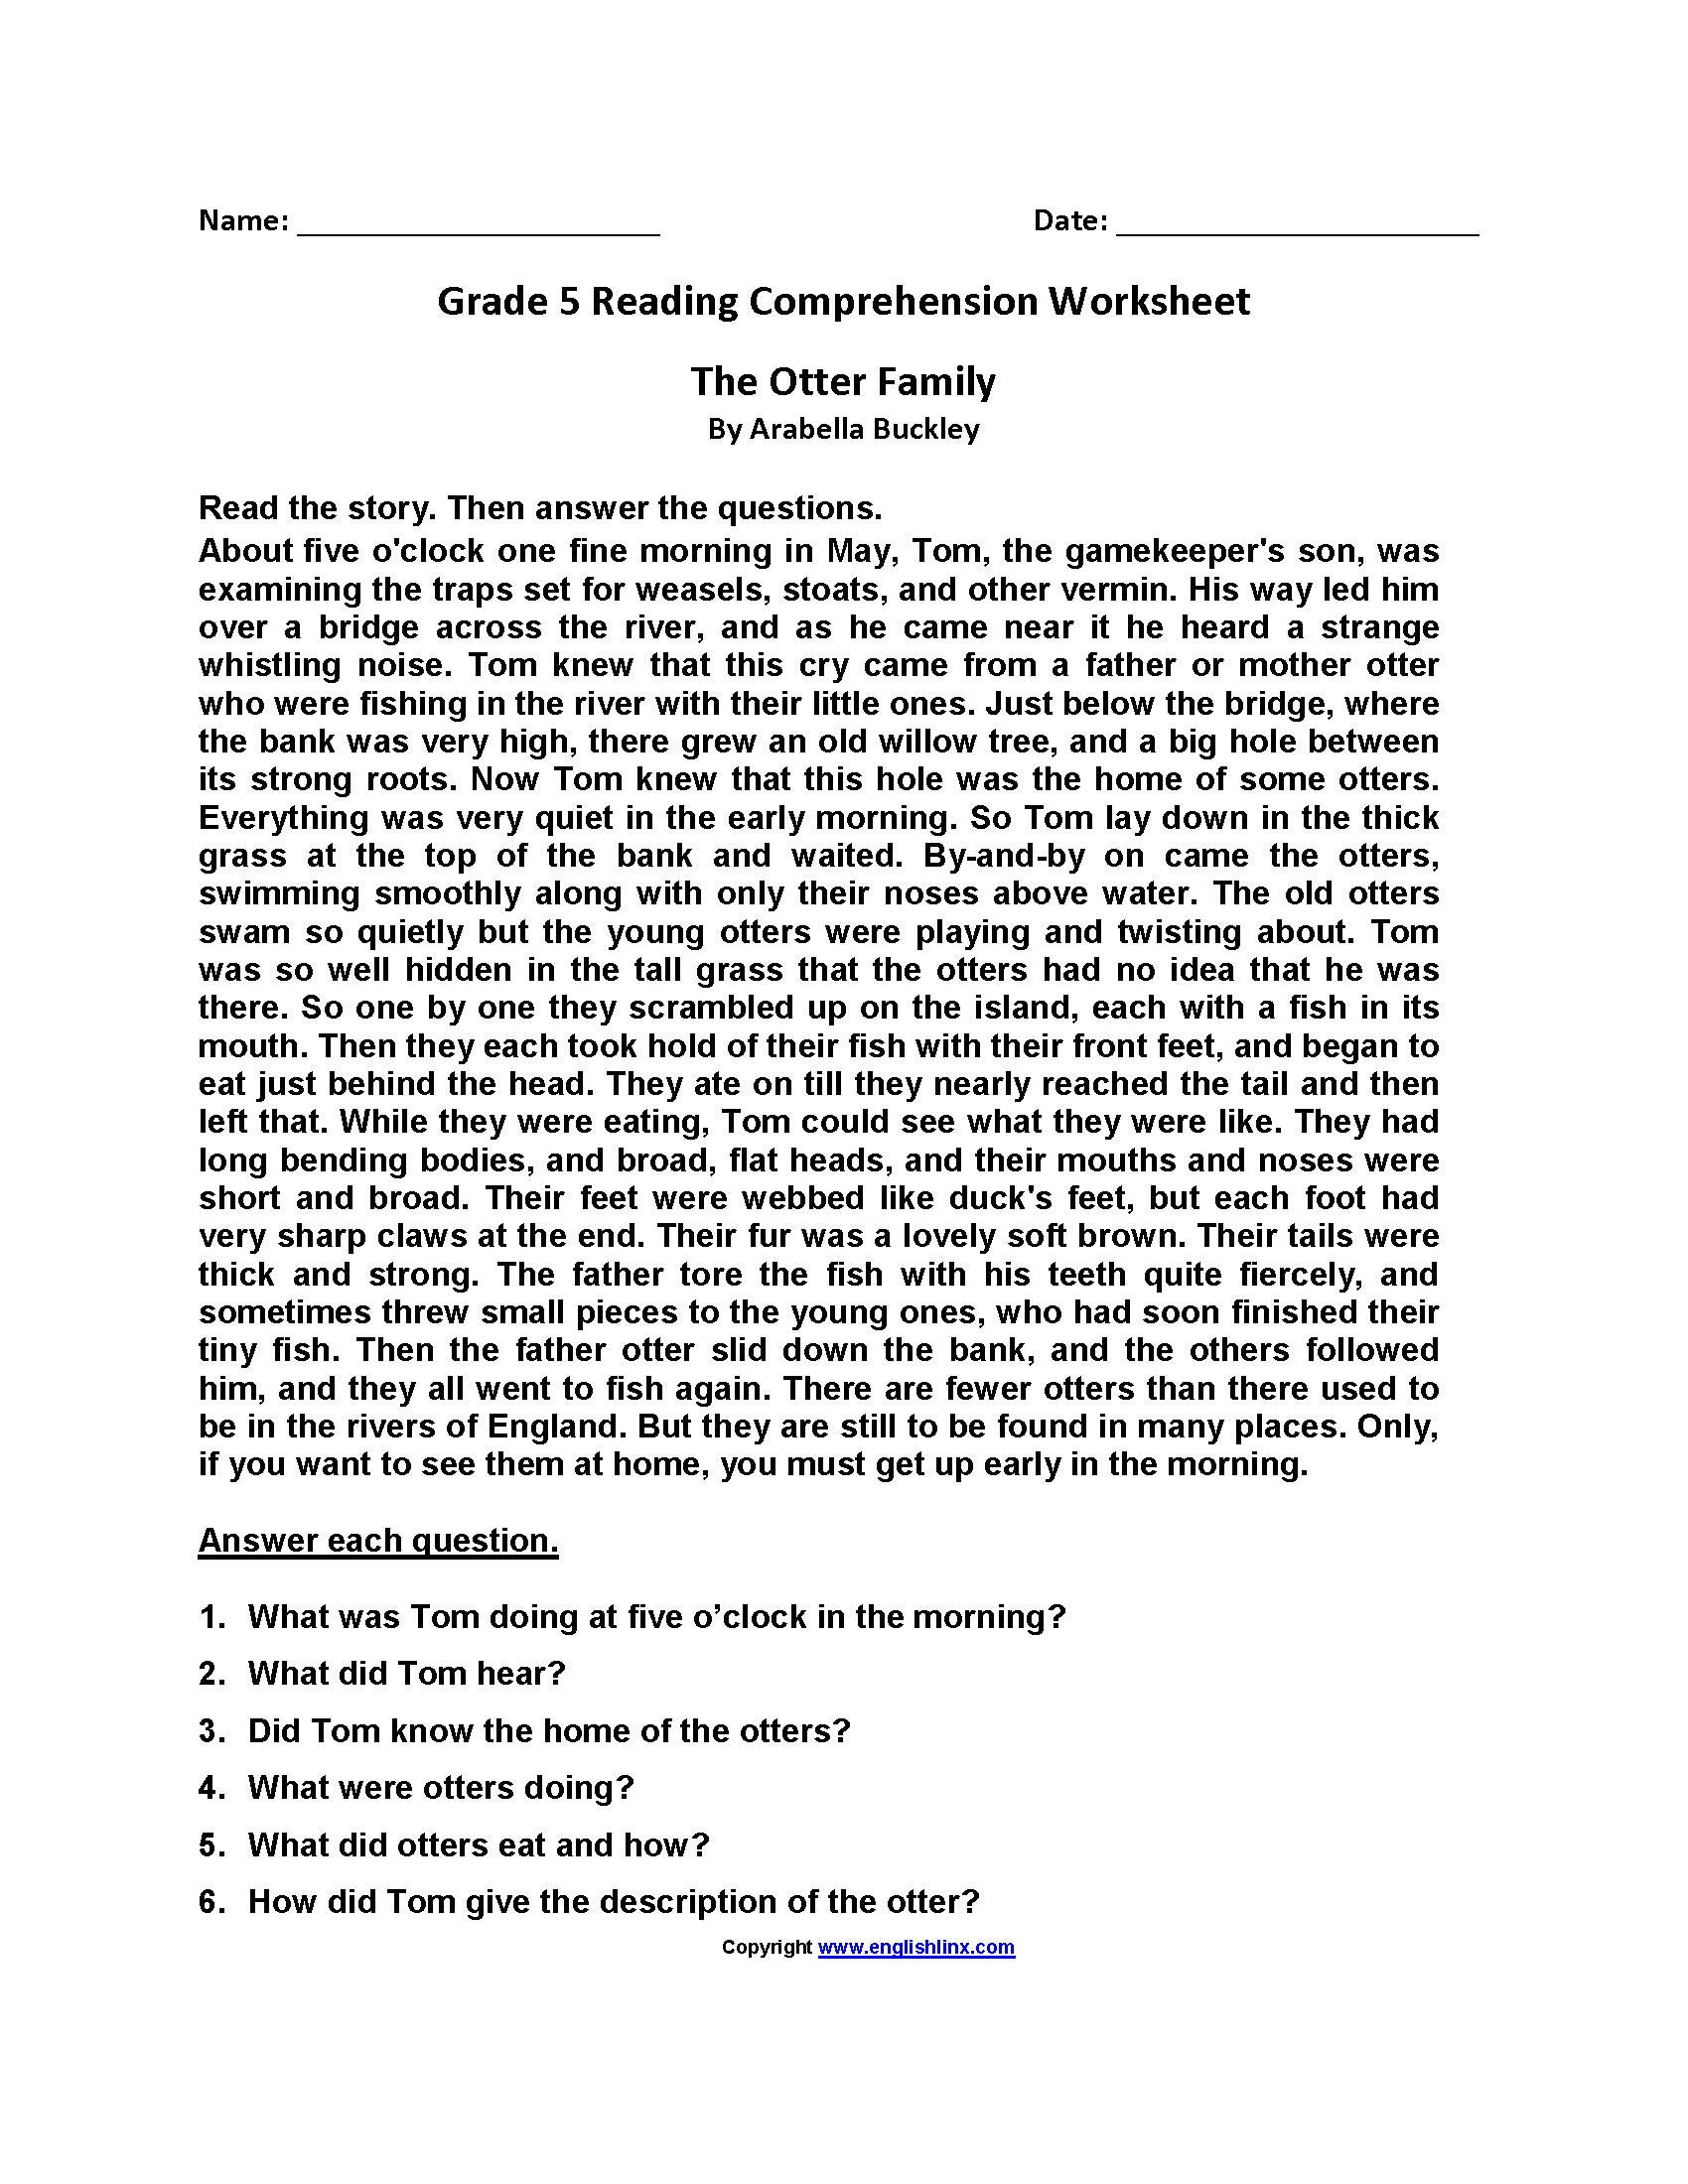 Reading Worksheets  Fifth Grade Reading Worksheets Or Comprehension Worksheets For Grade 5